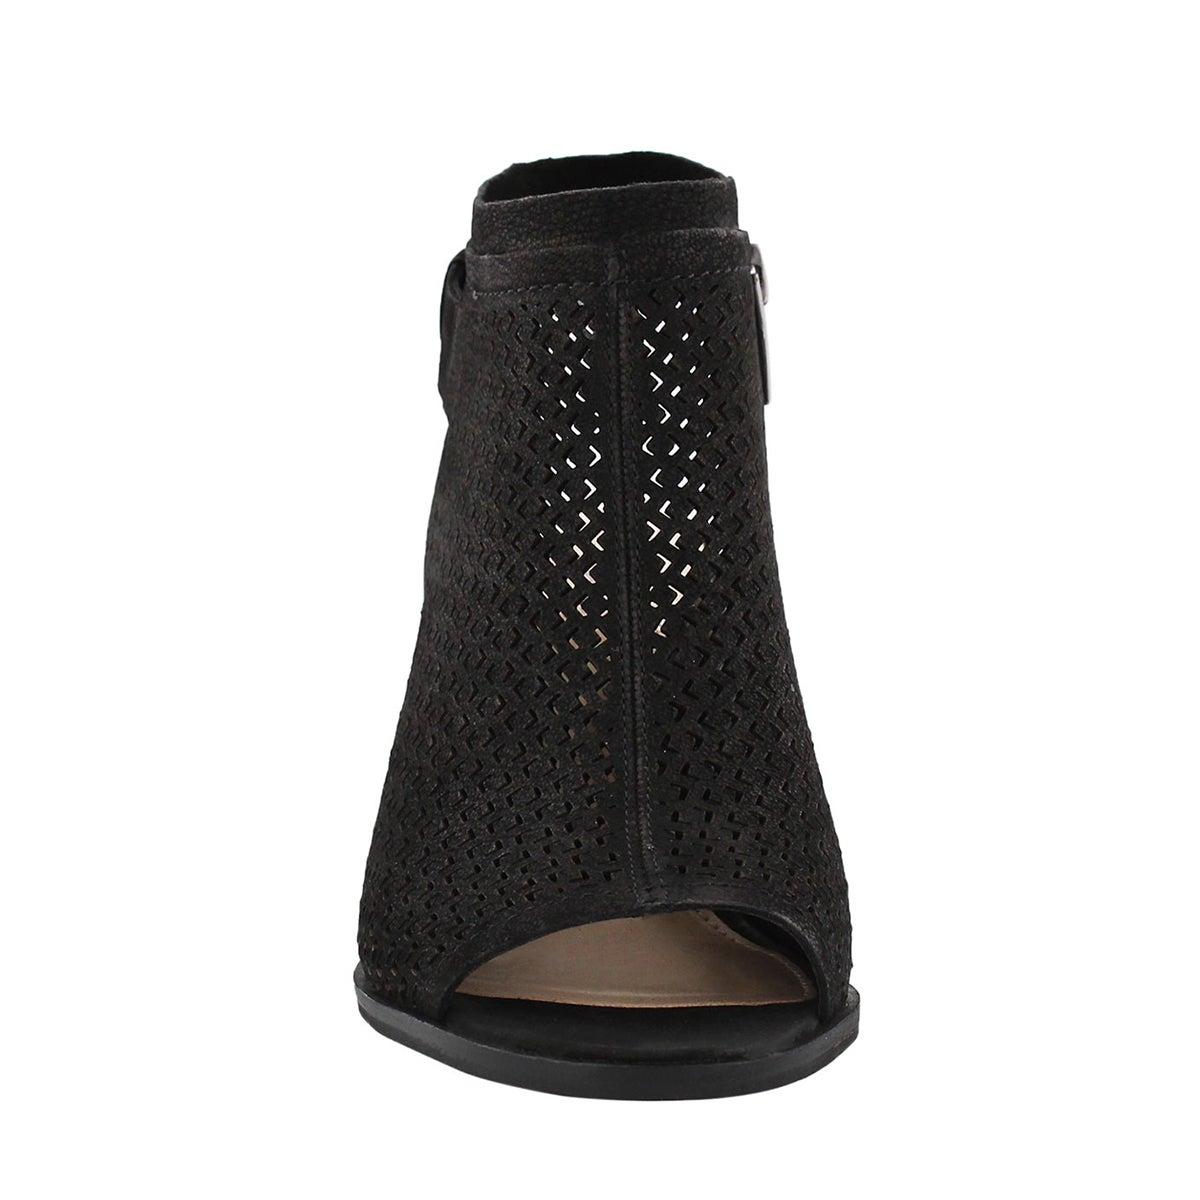 Lds Lidie black peep toe dress sandal